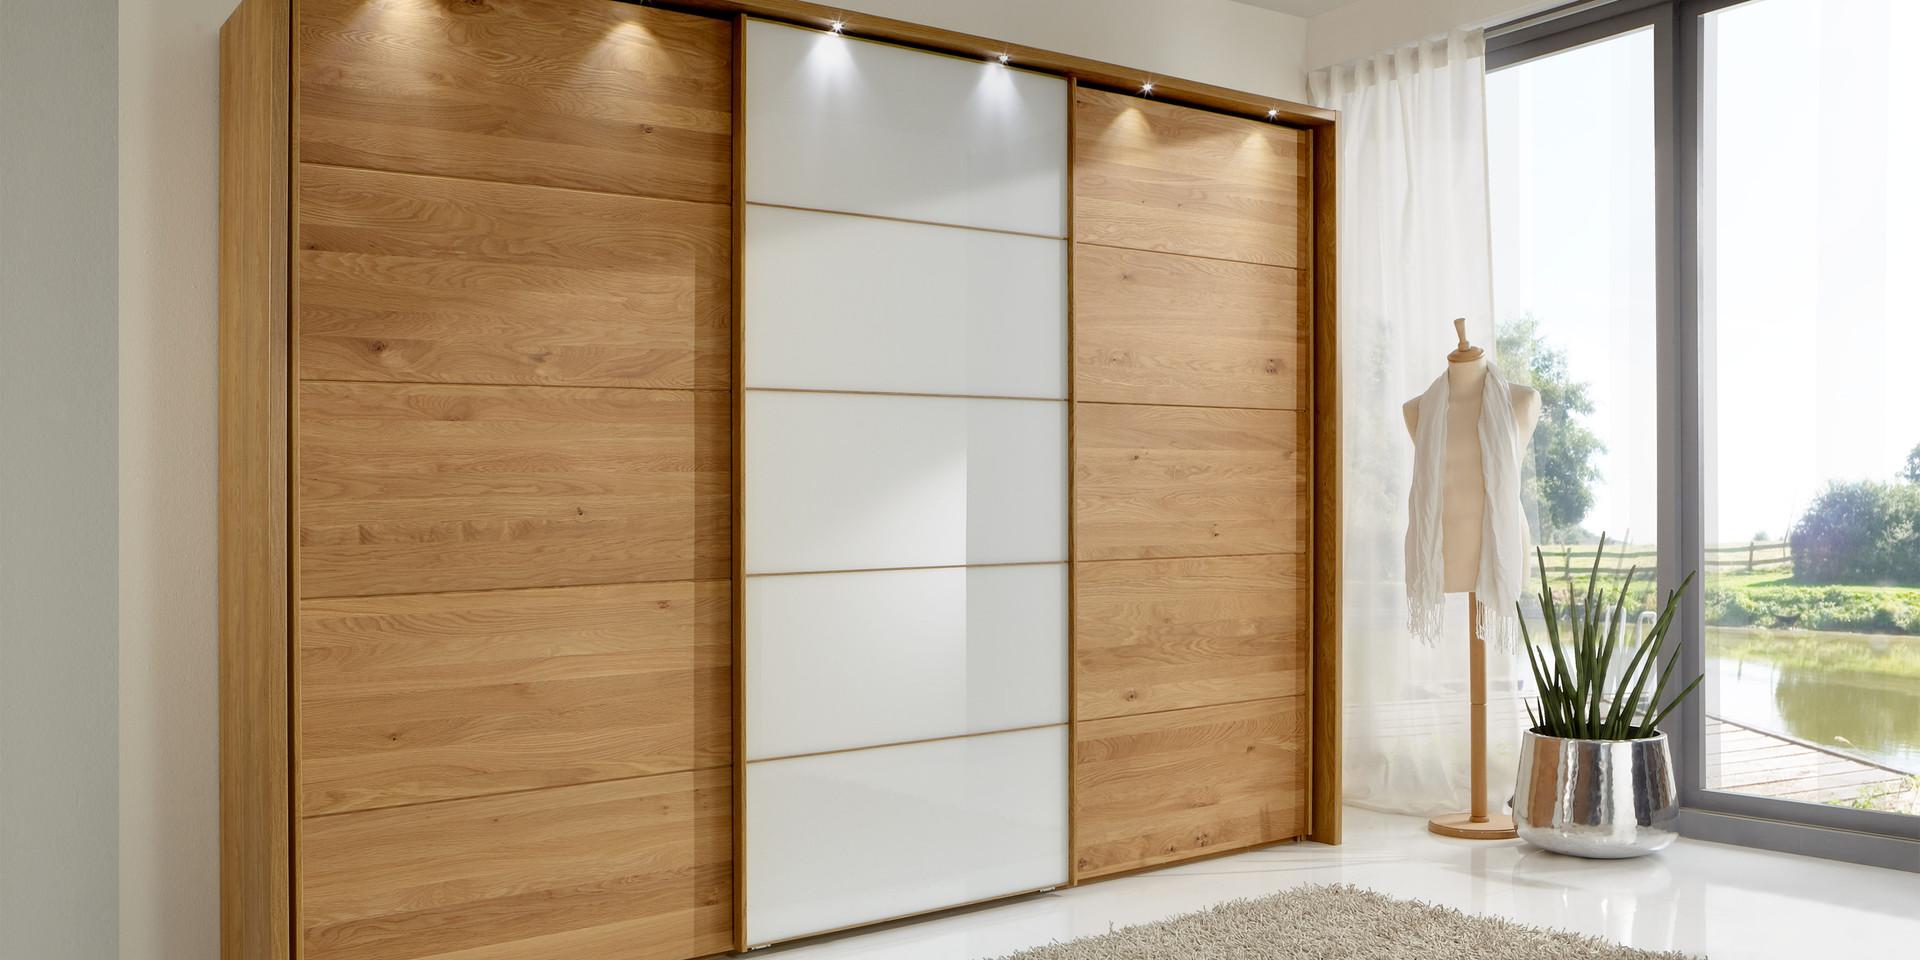 Schlafzimmer Wiemann ist beste ideen für ihr haus ideen